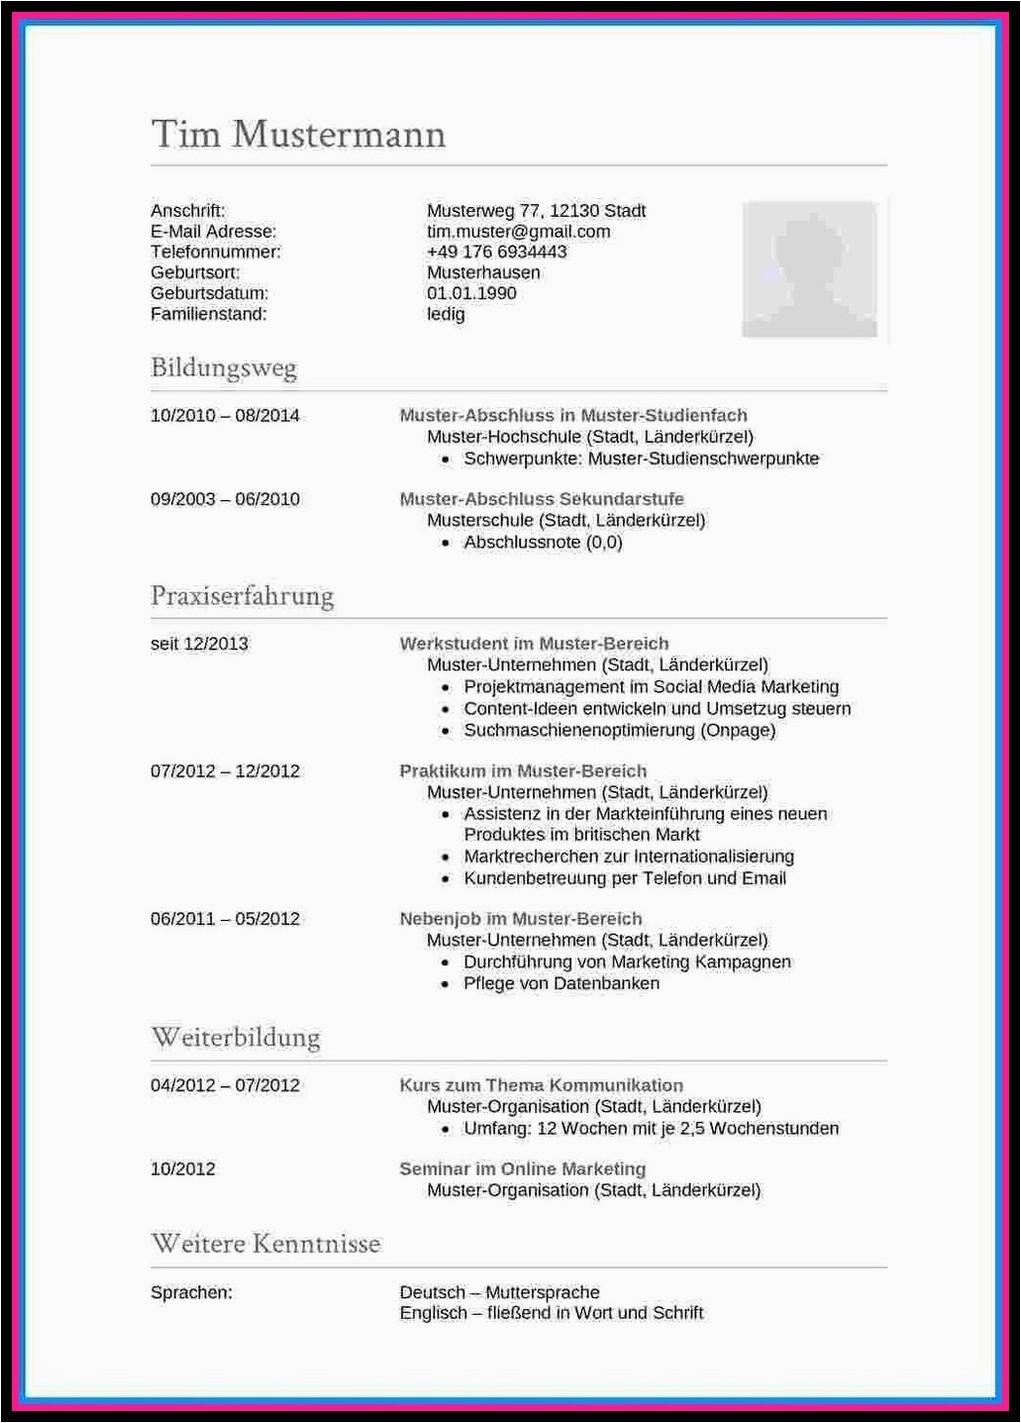 lebenslauf modell muster 2019 word pdf lebenslauf modelle deutsch cv europass model gratis kostenlos deutschland 10 bewerbung enabsetzen